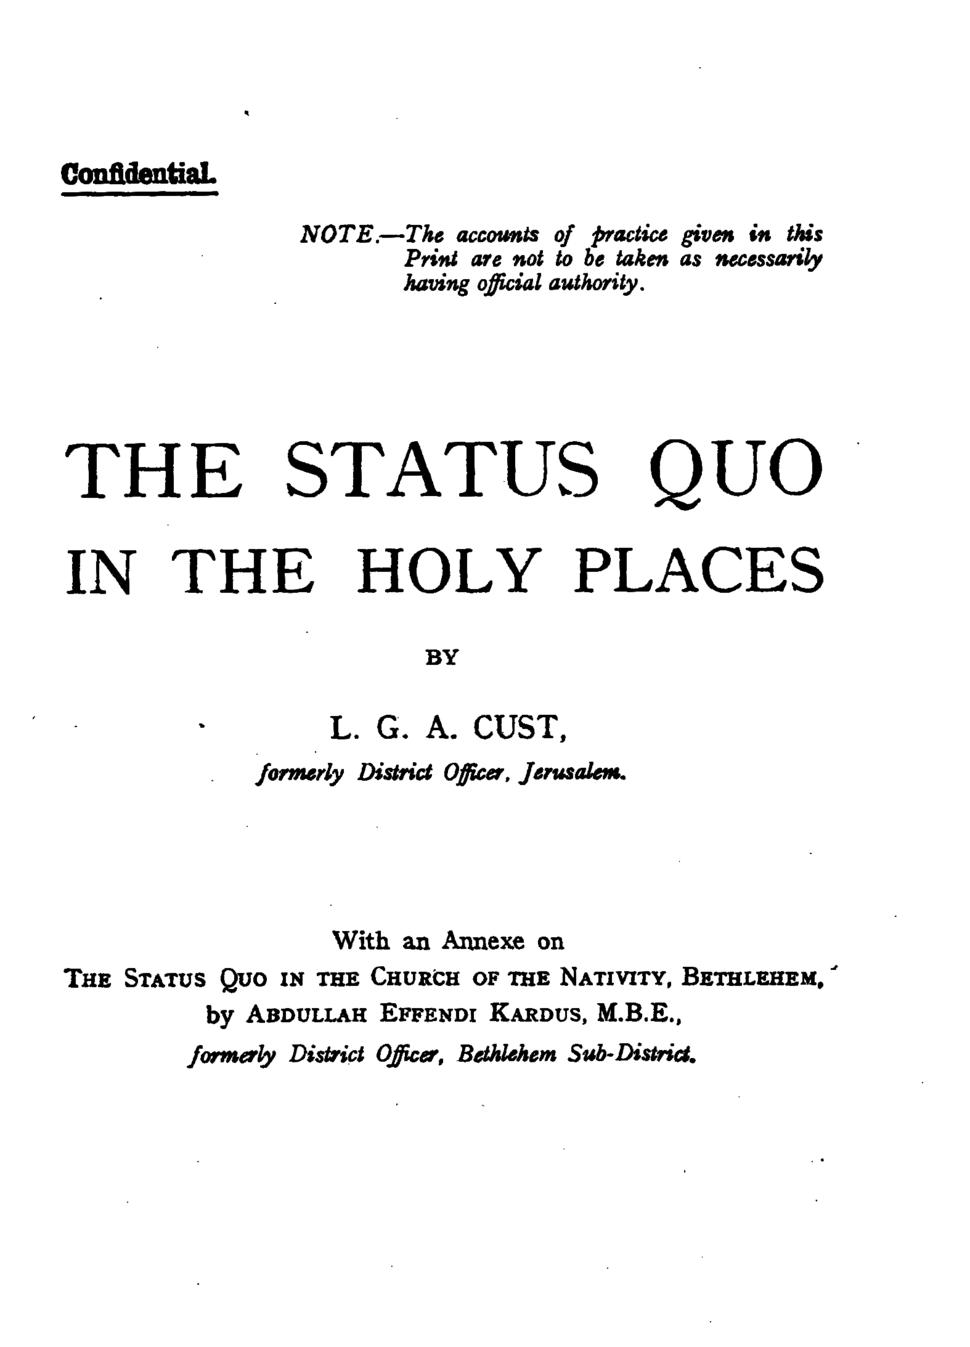 Cust Status quo